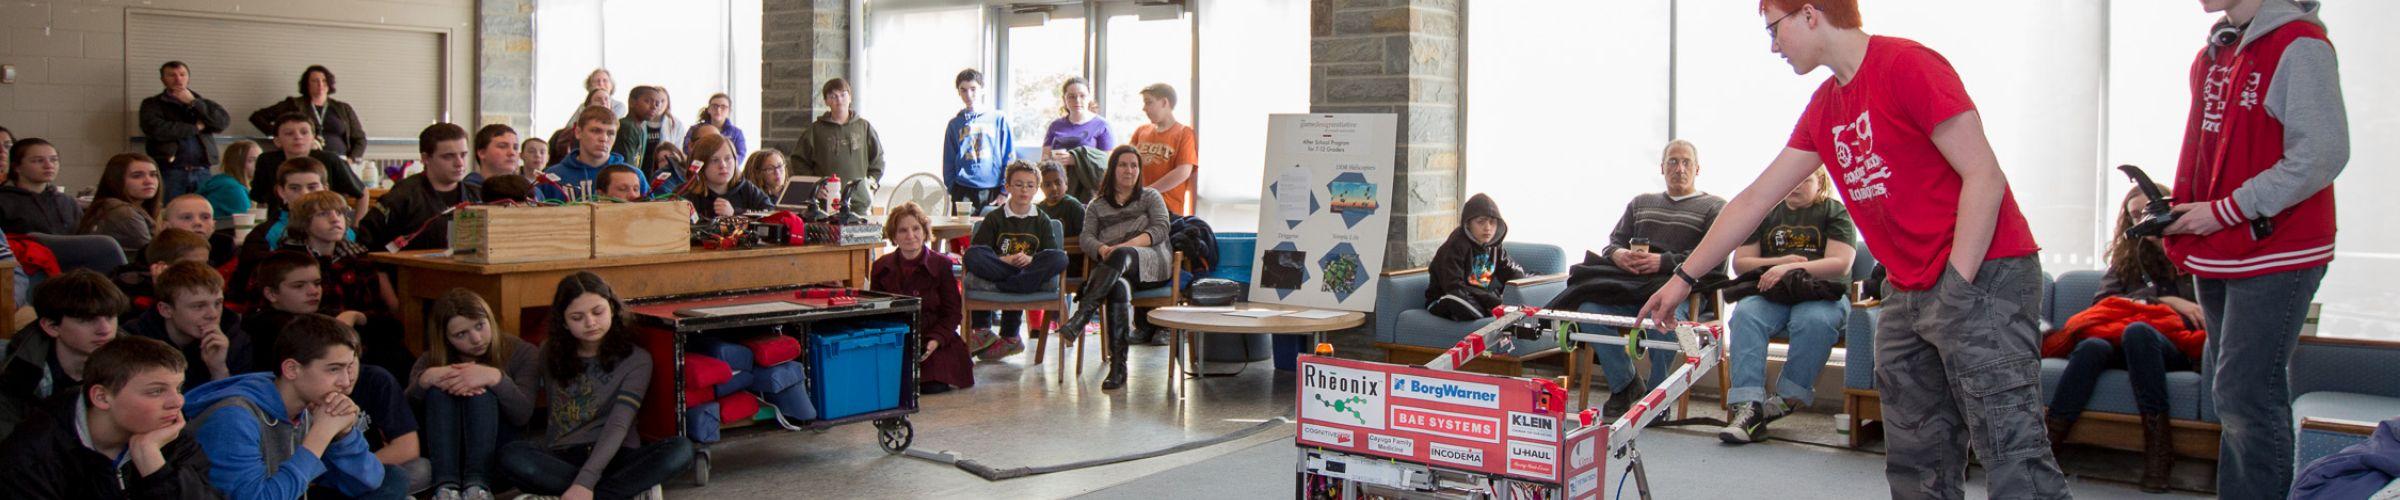 Students demonstrating robots at BOOM